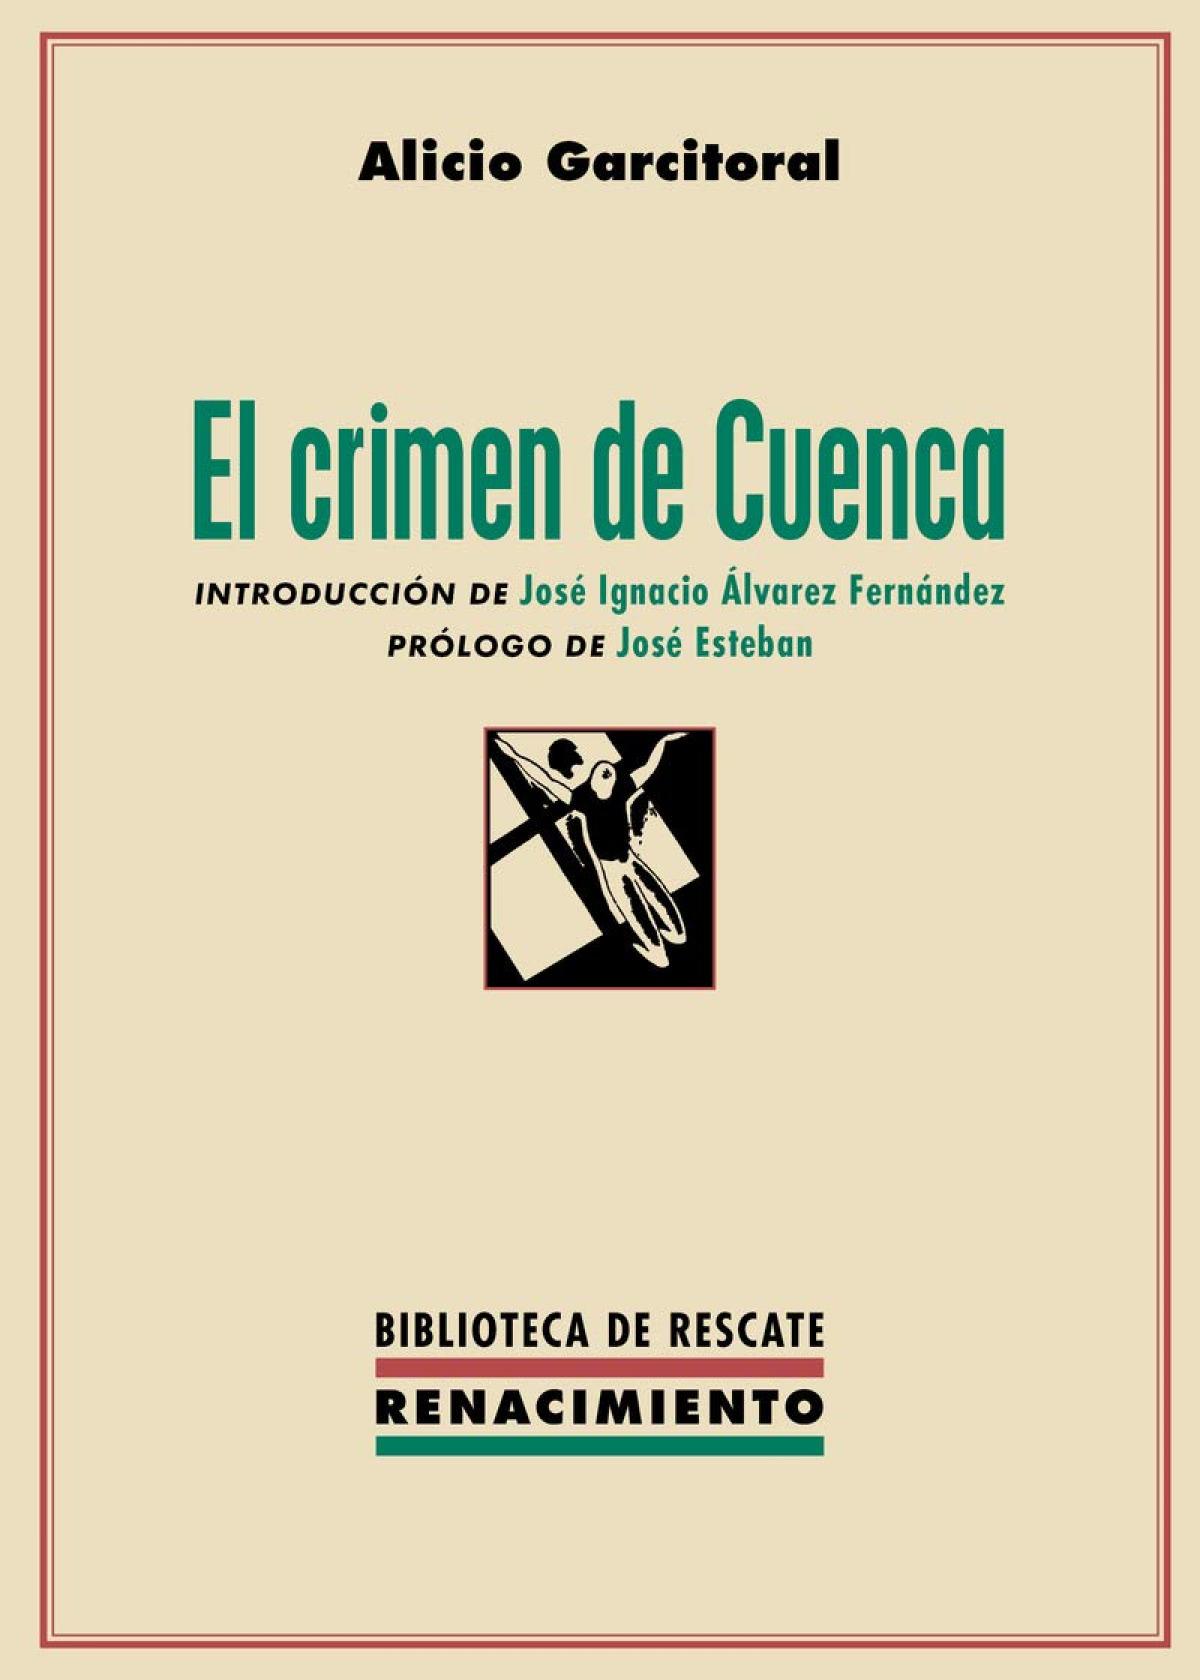 El crimen de Cuenca 9788418387326